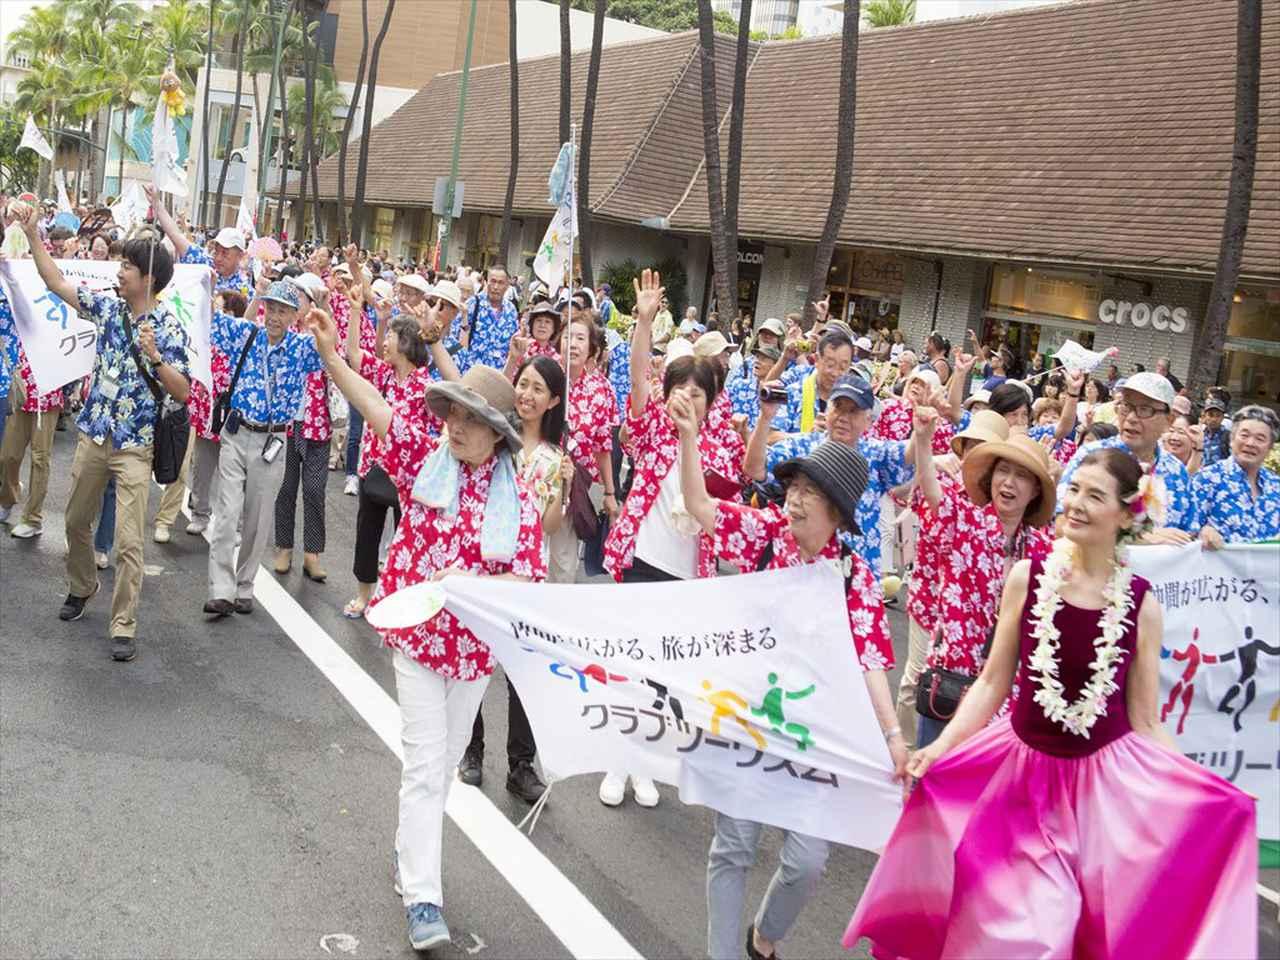 画像: 『6月限定企画!6月12日催行決定/添乗員同行/まつりインハワイ 花咲く楽園ハワイ5日間』日本航空利用/盆踊りにパレードにディナークルーズ♪ミニハイキングも クラブツーリズム